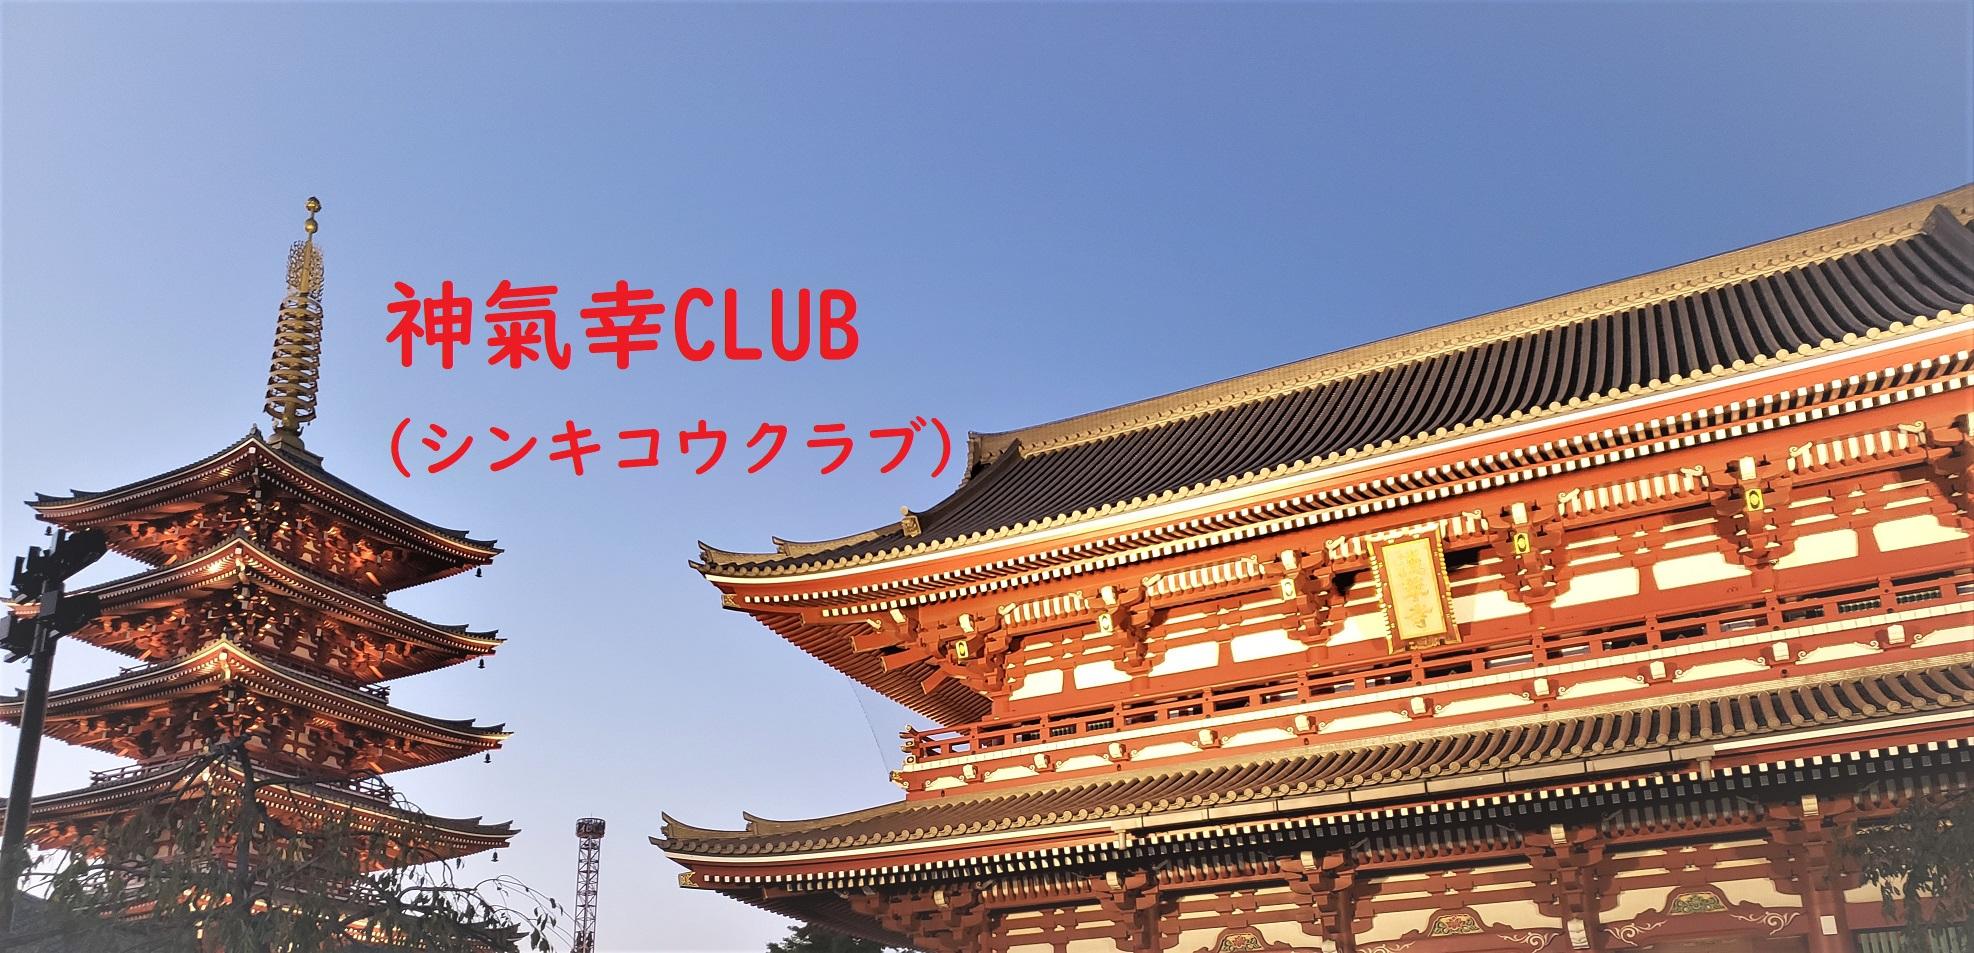 神氣幸CLUB